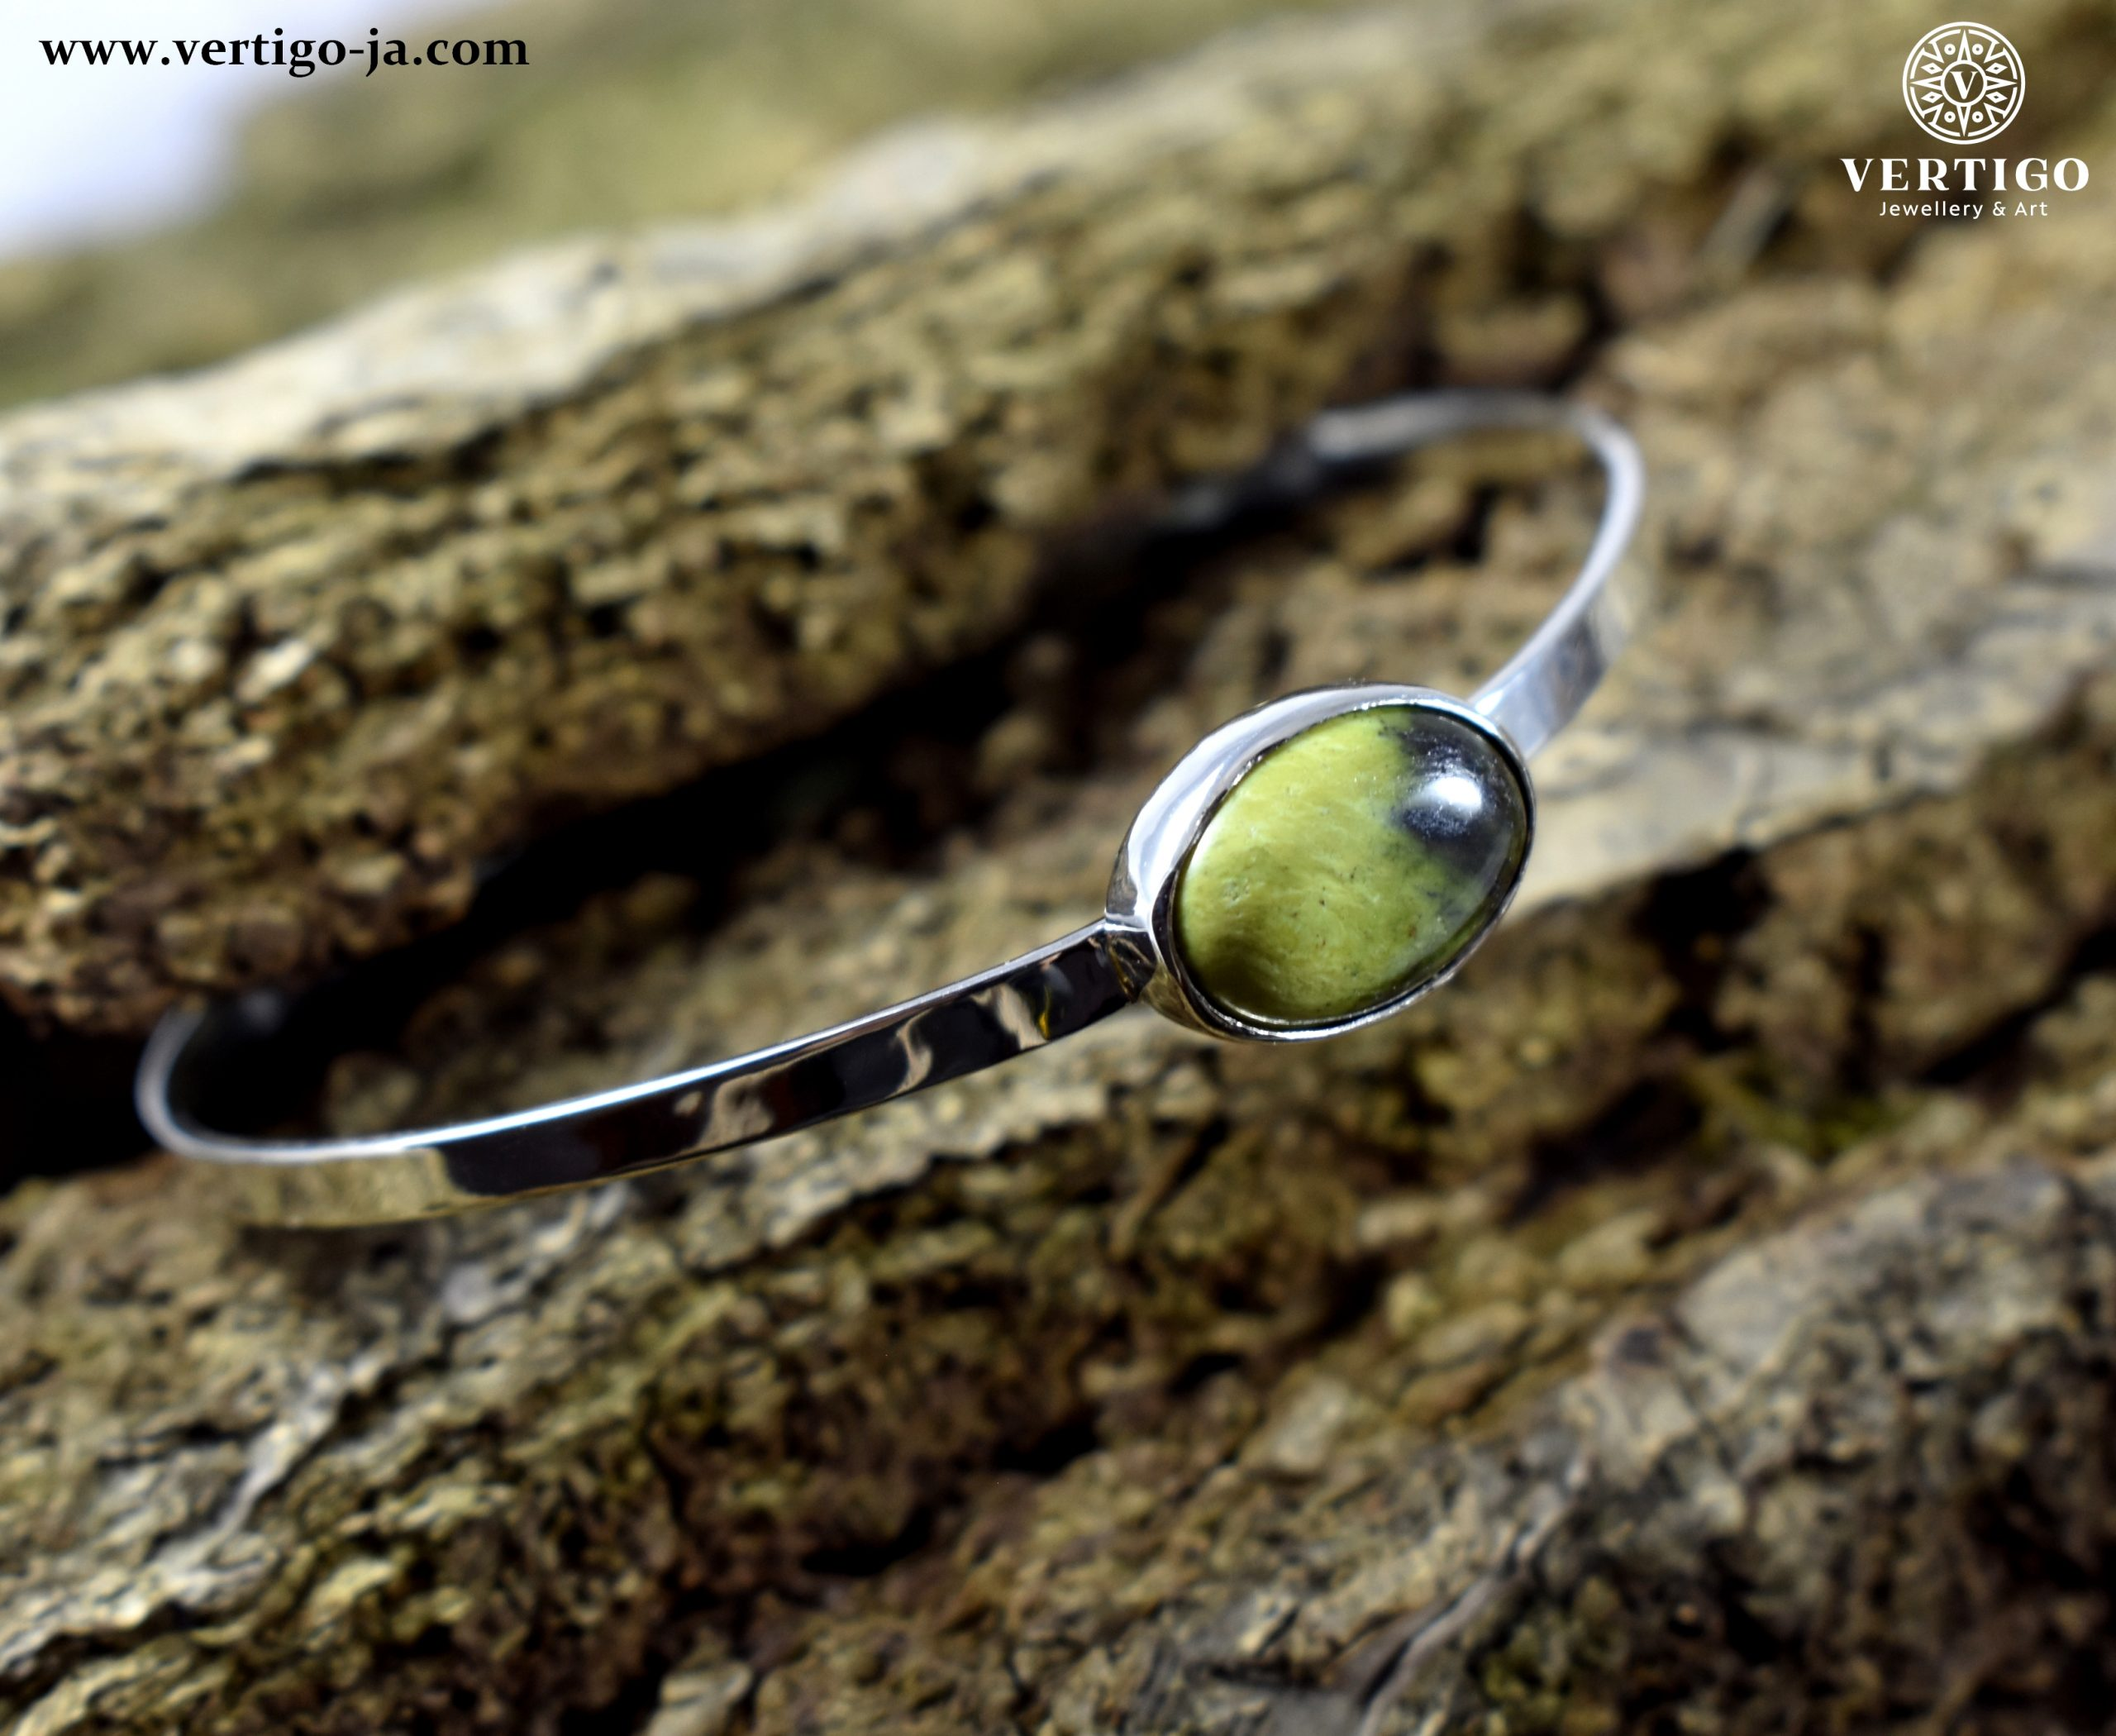 bransoleta-srebrna-z-zielono-czarnym-kamieniem-chita-na-korze